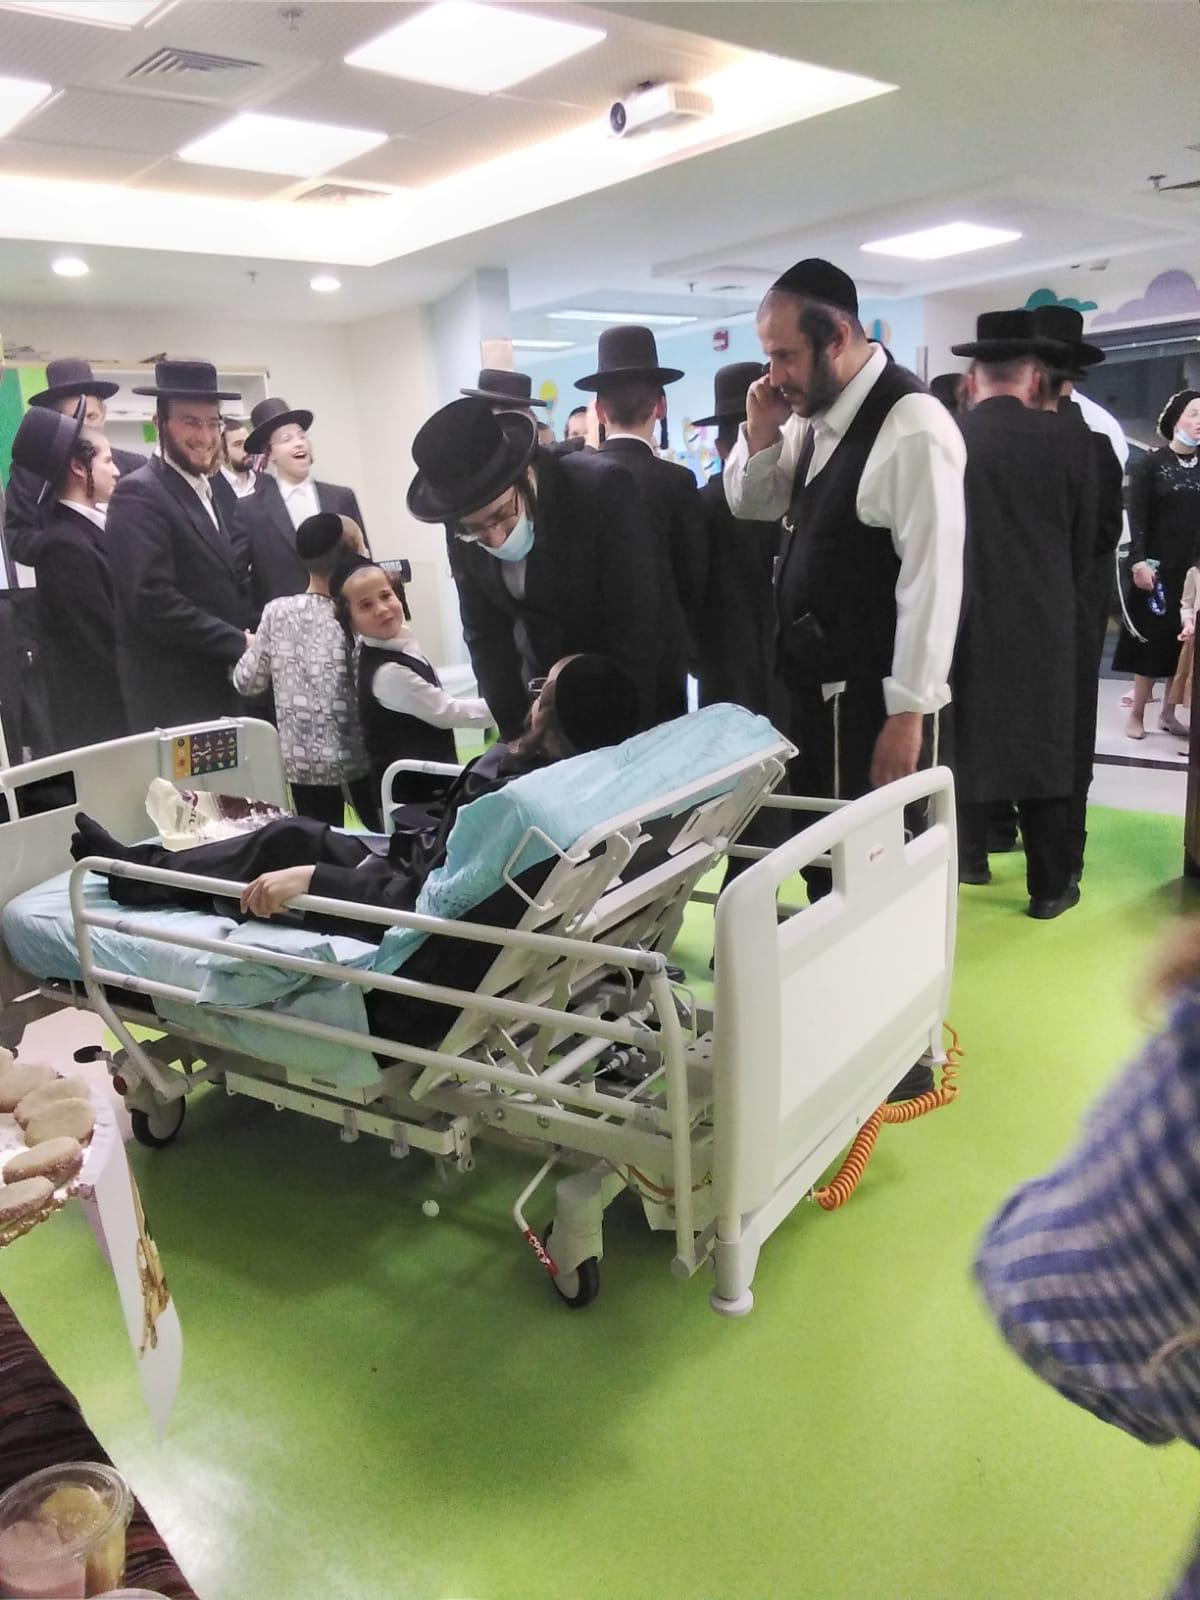 בית החולים וילף לילדים